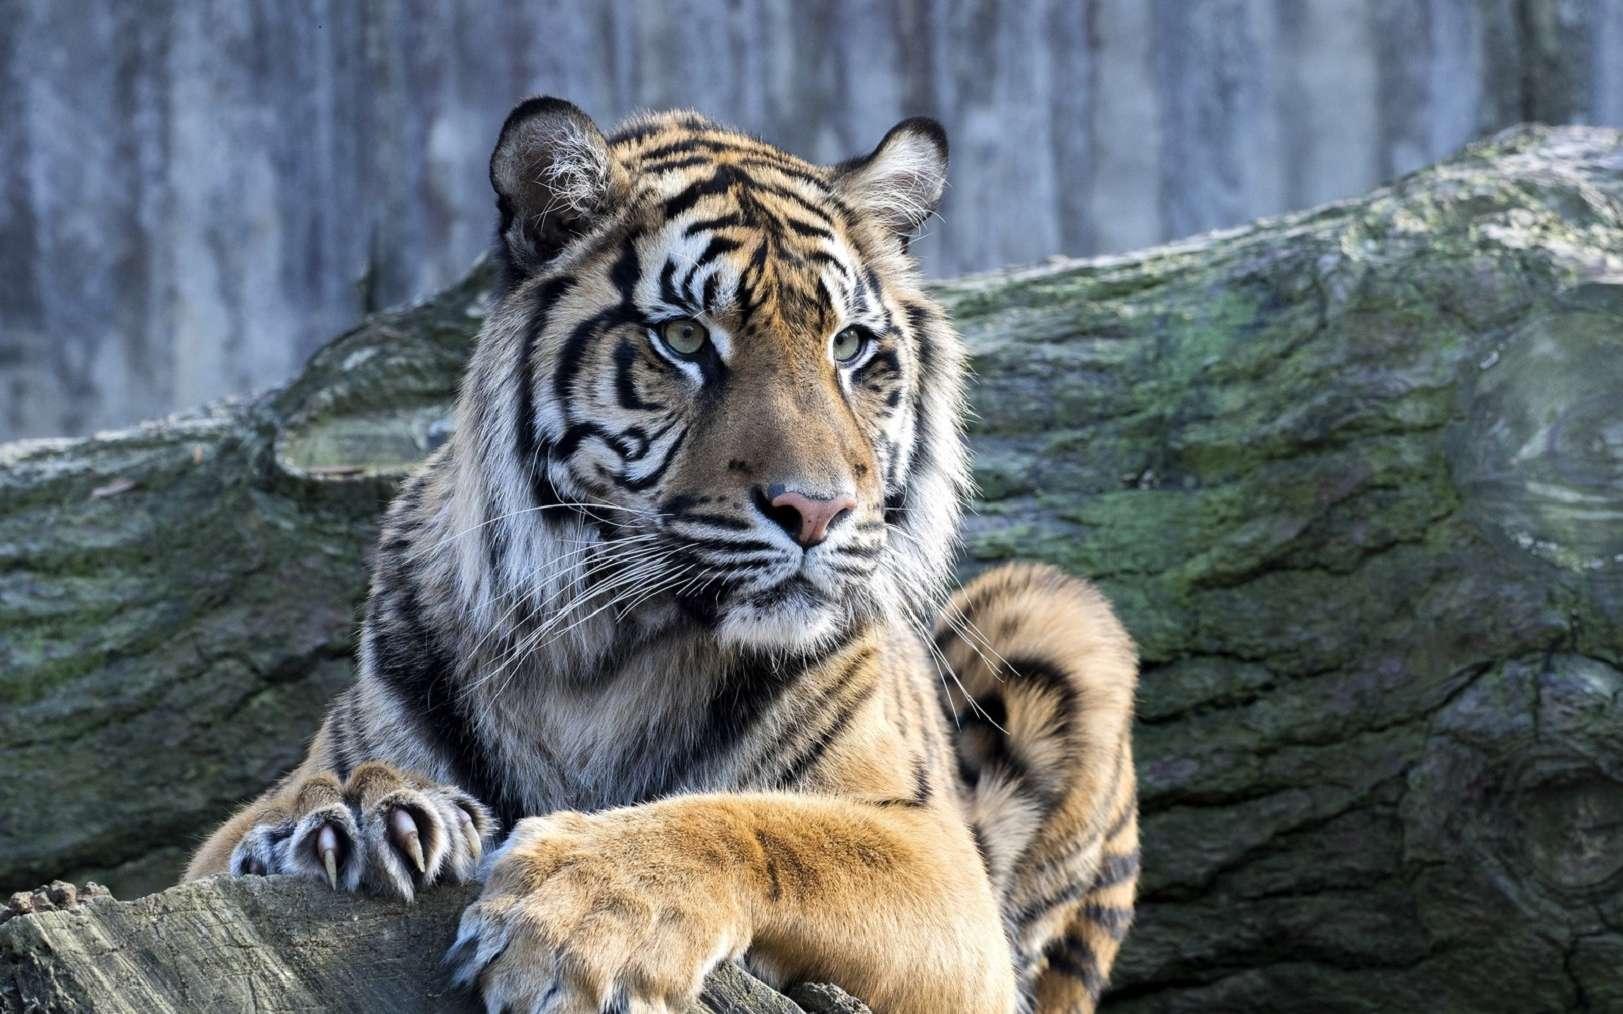 Le tigre de Sumatra est menacé d'extinction à cause de la déforestation. © vladislav333222, Fotolia